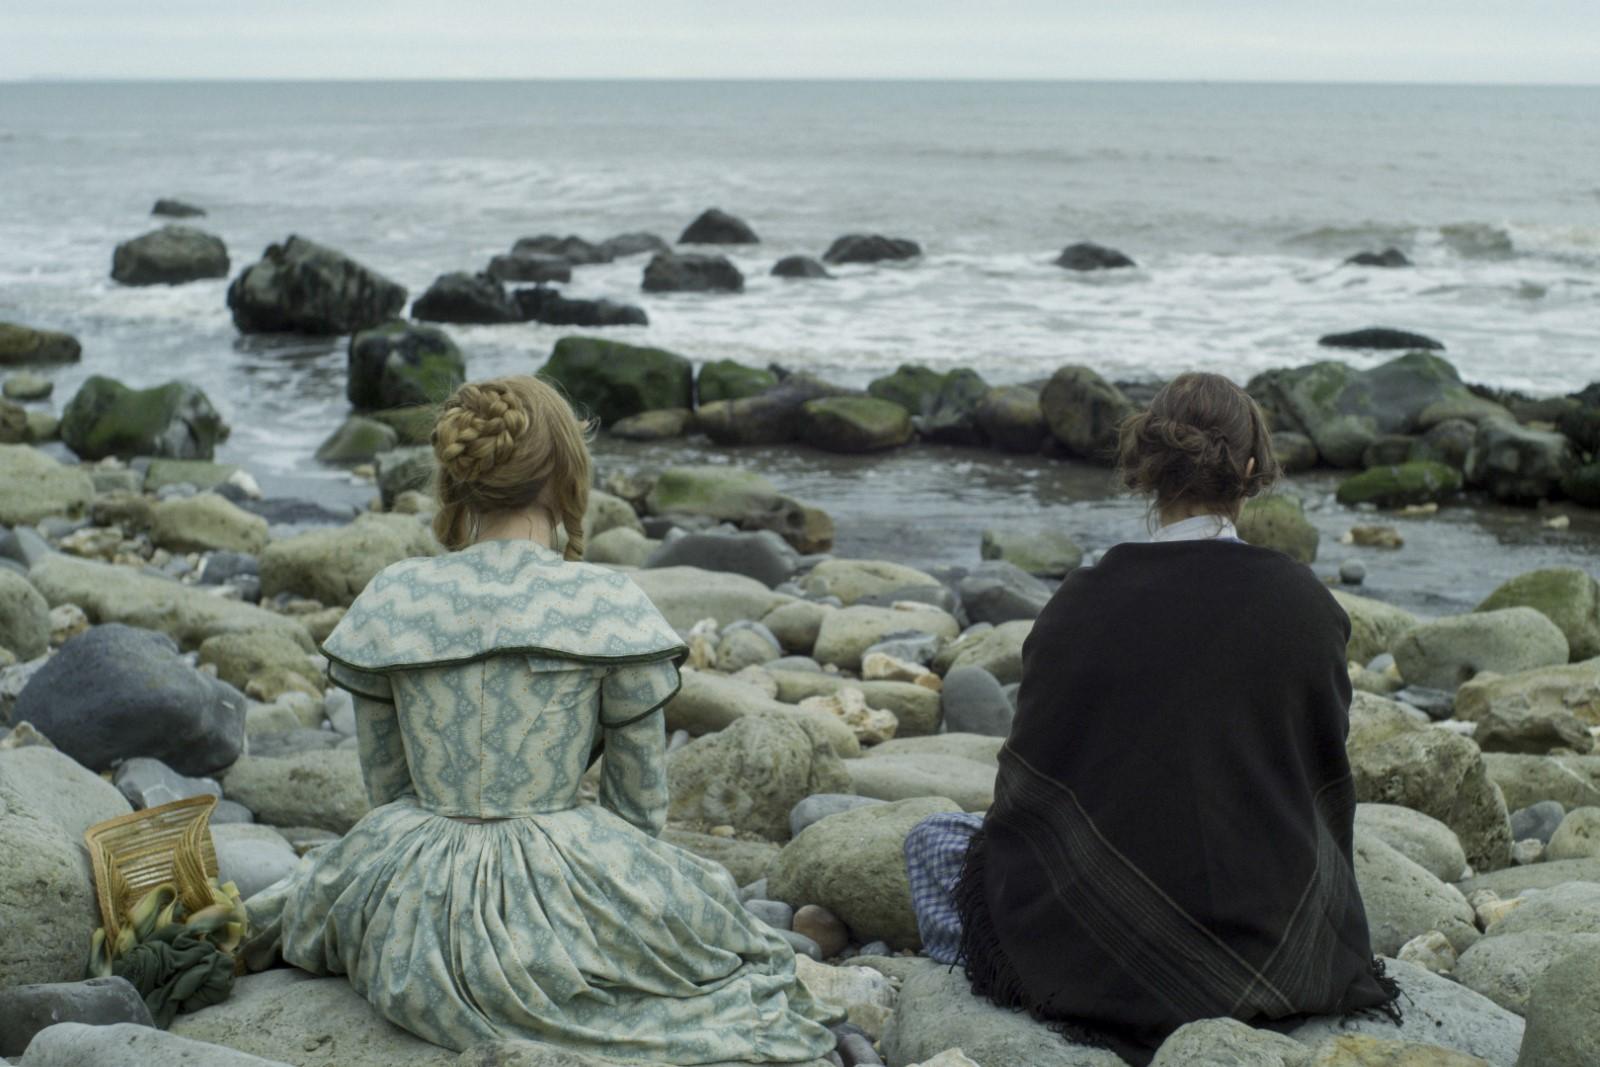 As duas mulheres estão sentadas nas pedras olhando para o mar. Saoirse, à esquerda, está usando um vestido azul claro e Kate, à direita, está de preto